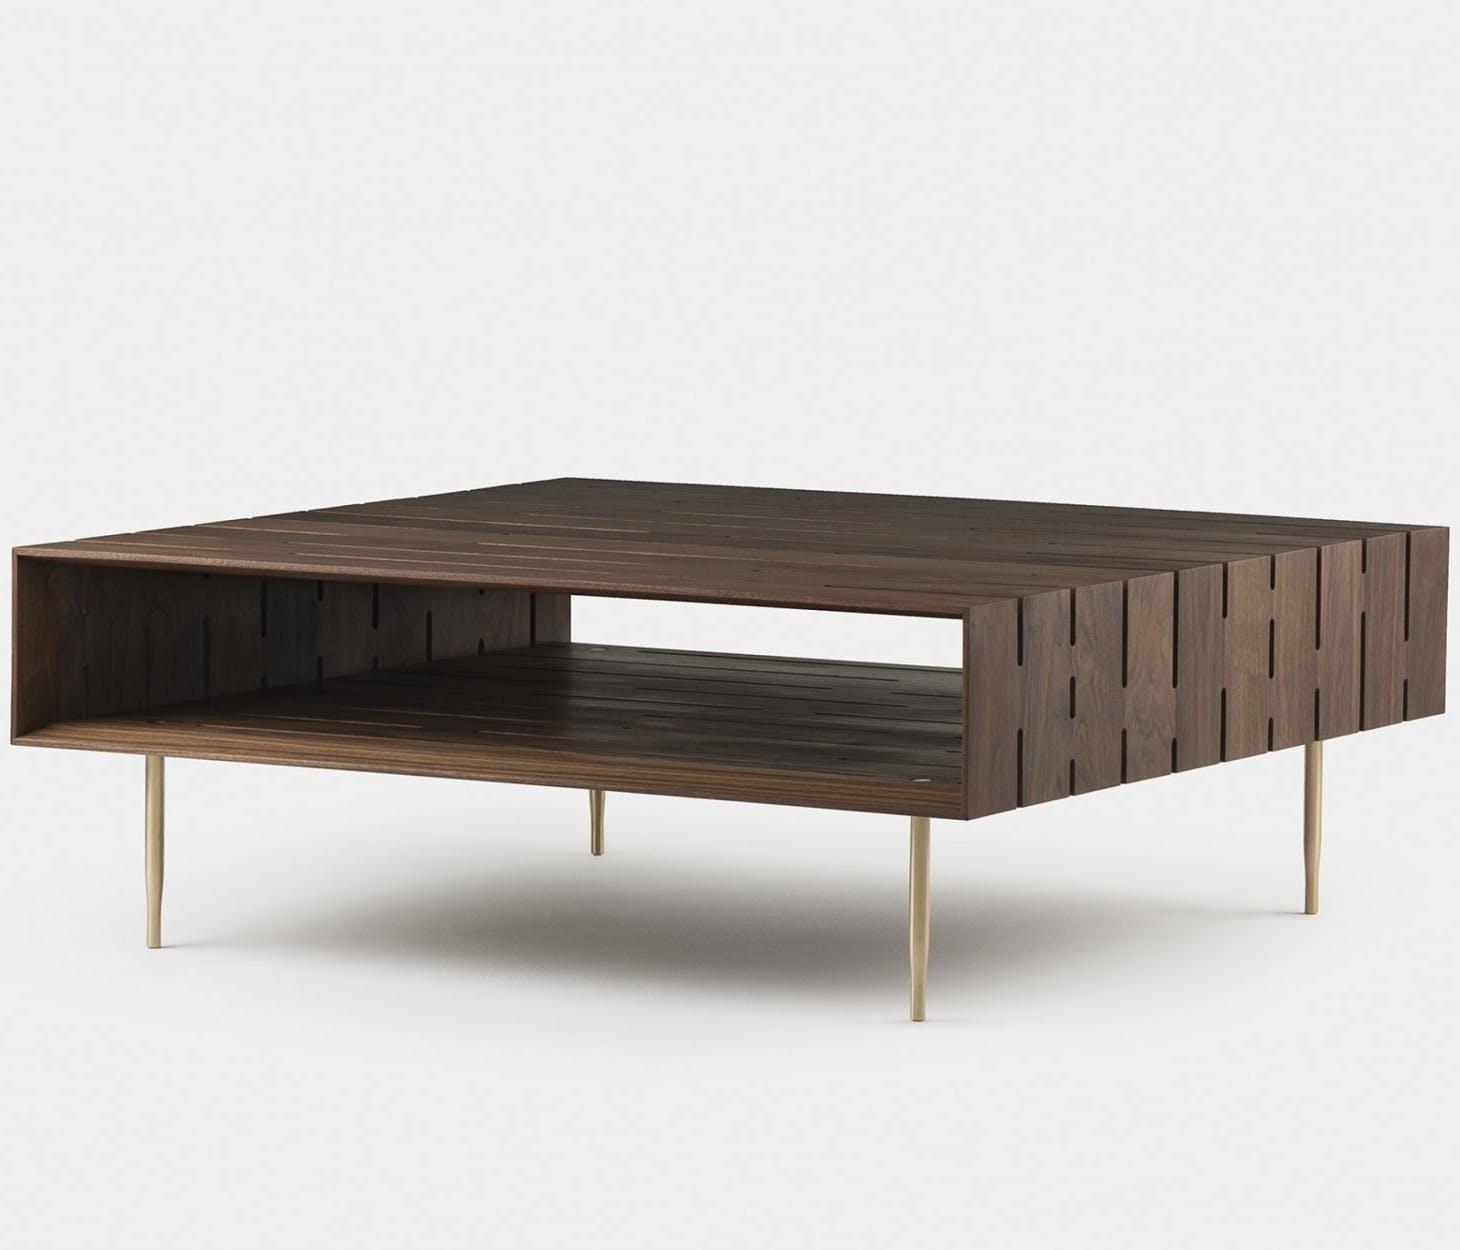 Horizon Large Coffee Table By Matthew Hilton In Walnutweb 1840X1250